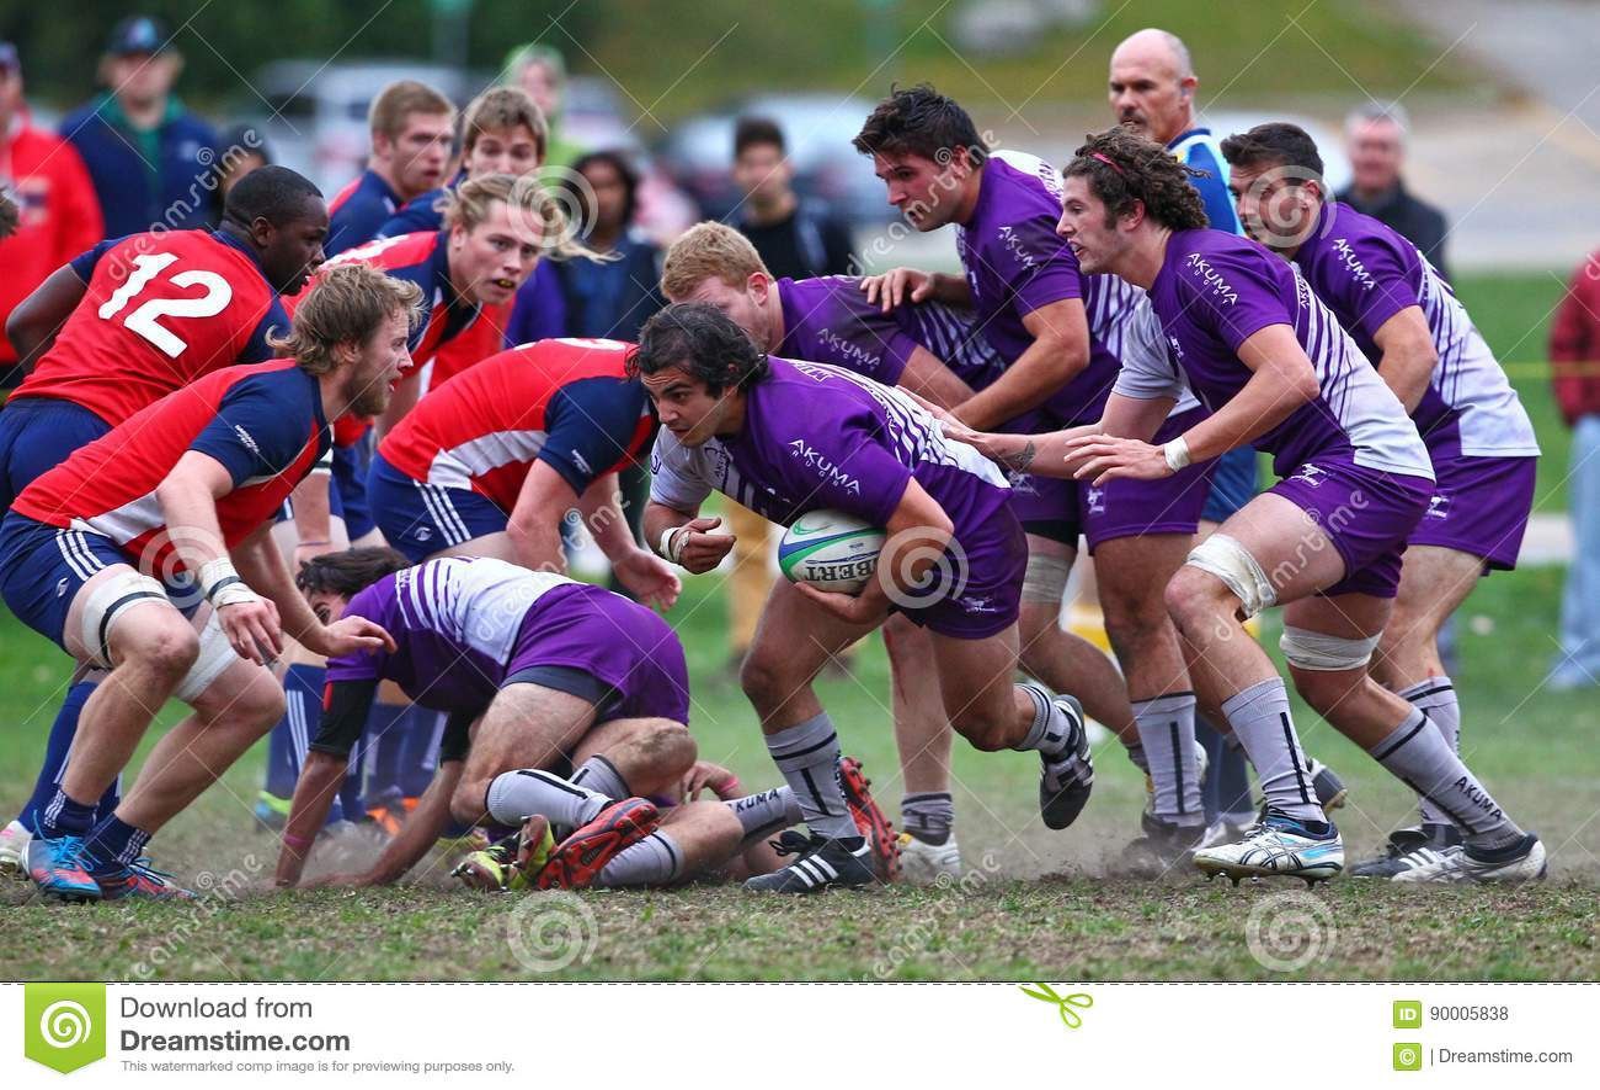 Rugby gracz niesie piłkę